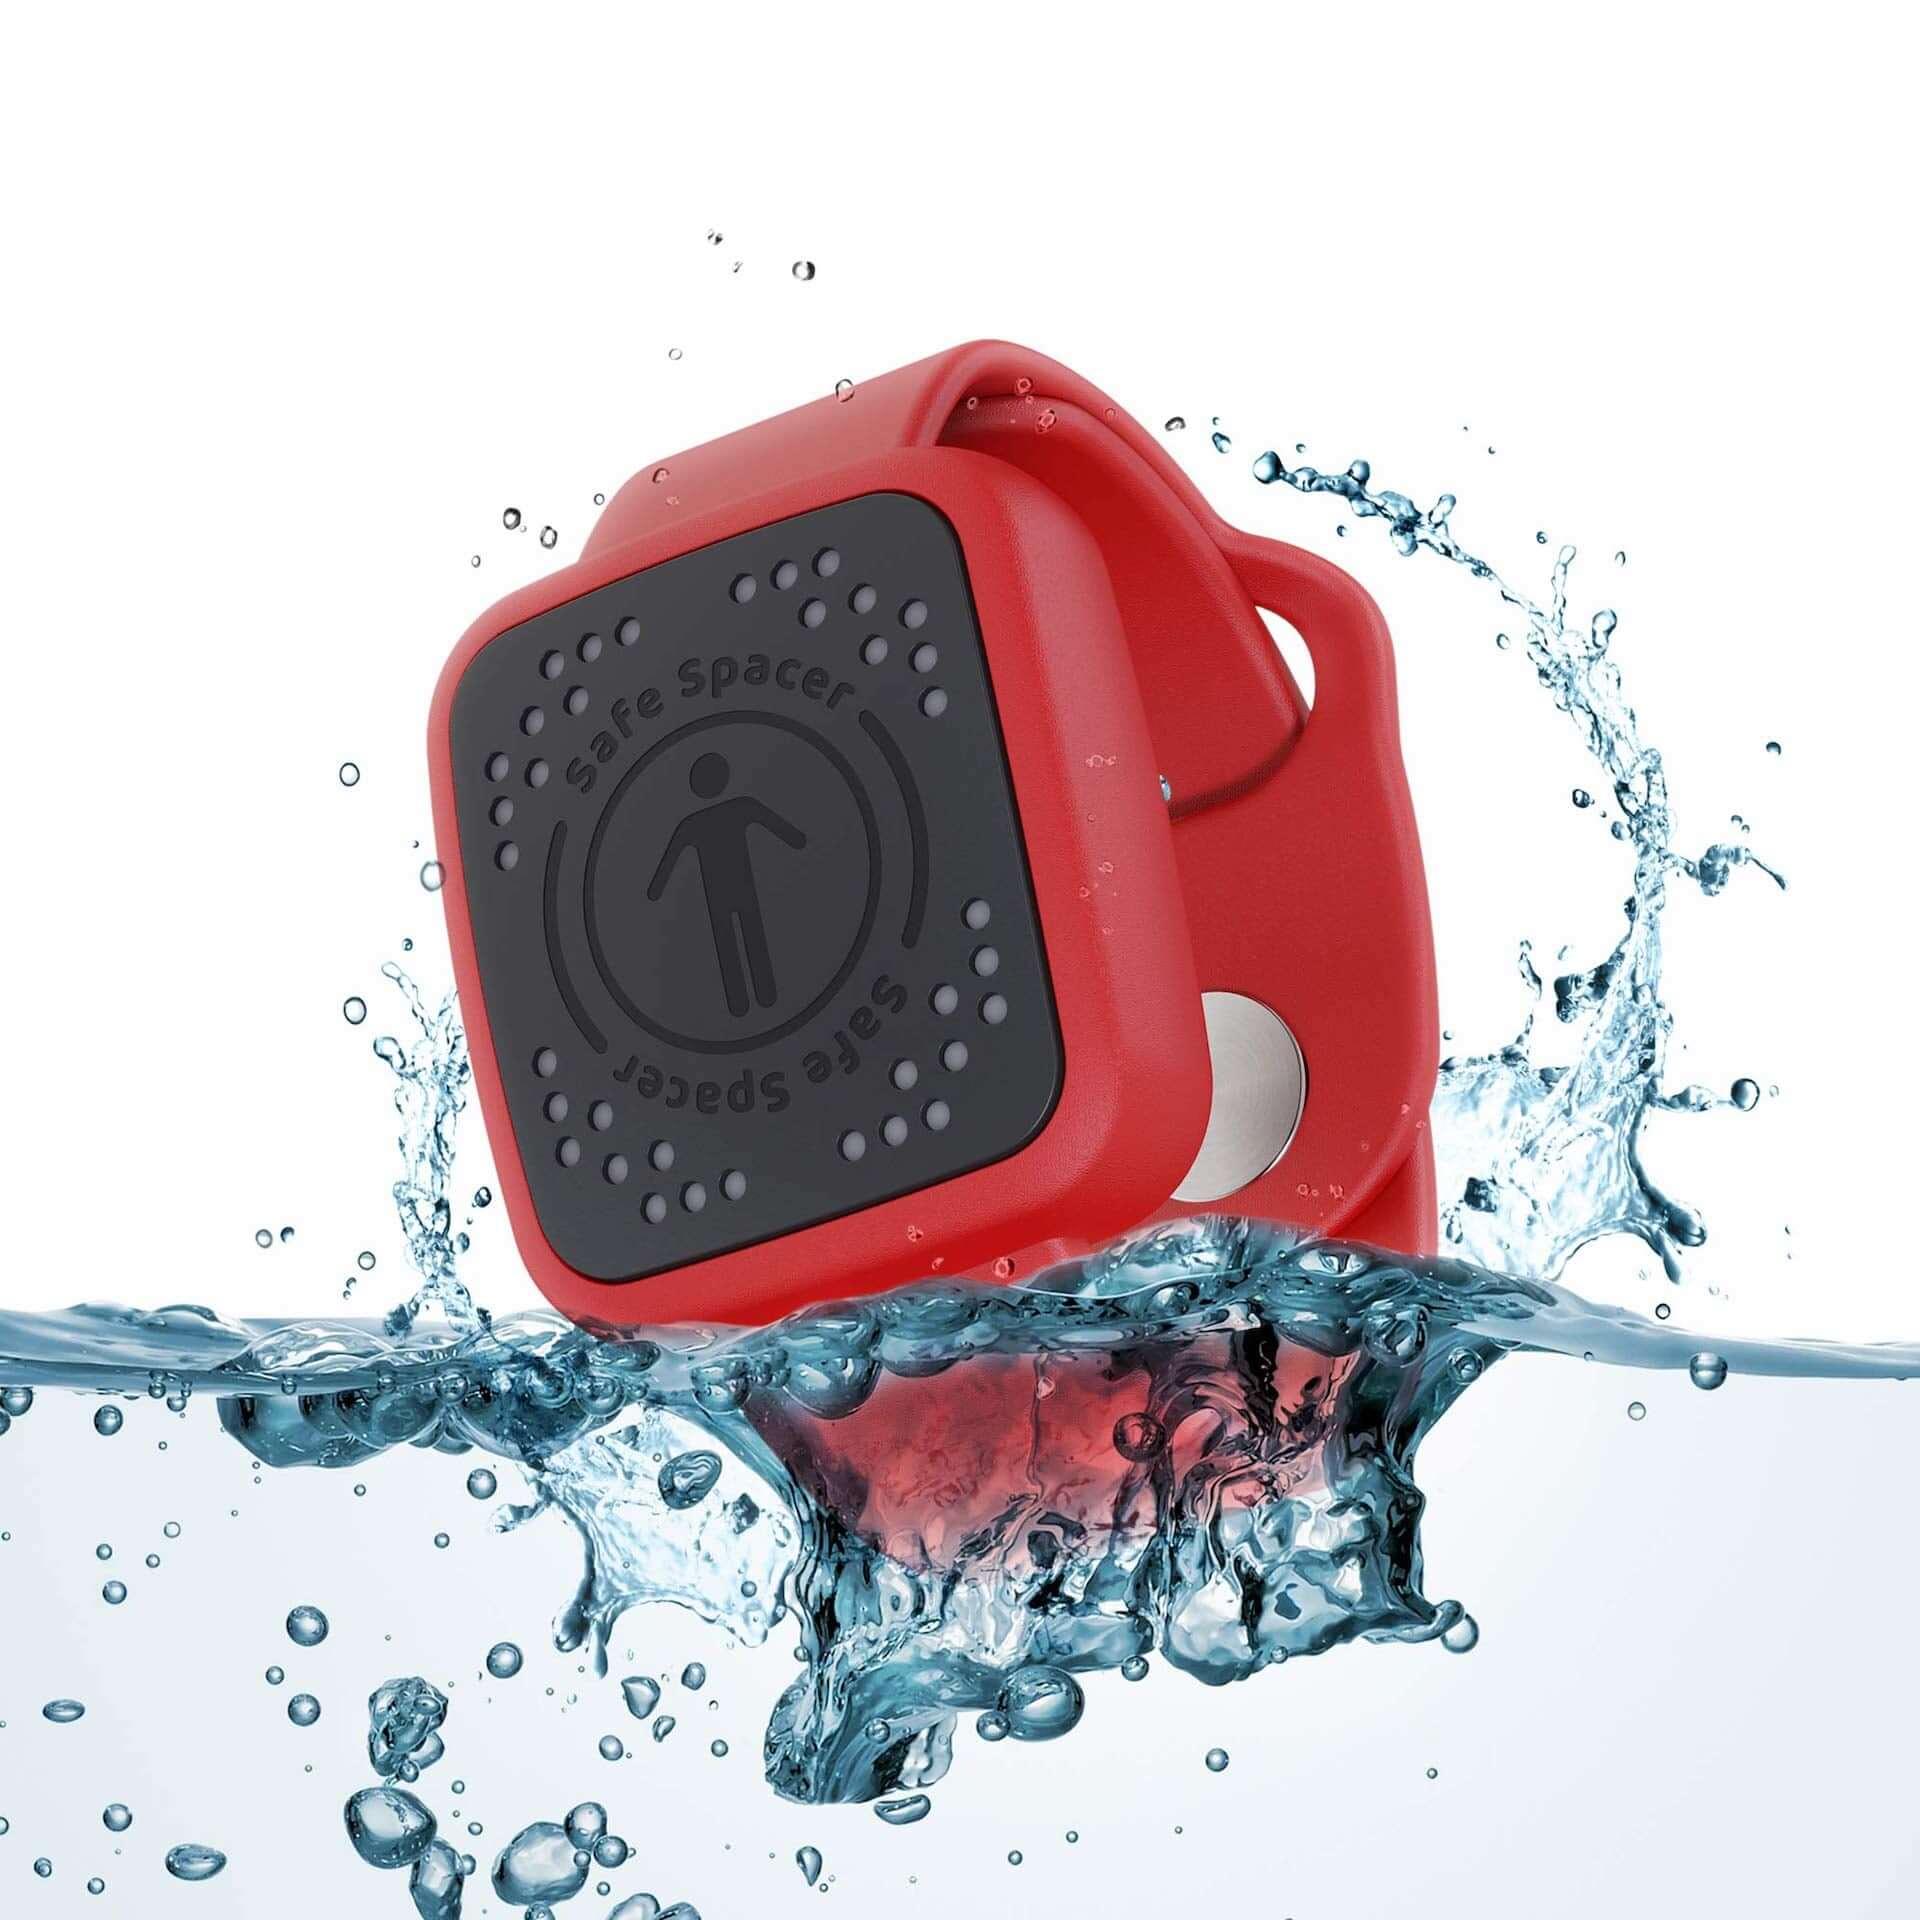 ソーシャル・ディスタンスを維持できるウェアラブル・デバイス『Safe Spacer(TM)』が発表! tech200521_wearablemonitor_08-1920x1920